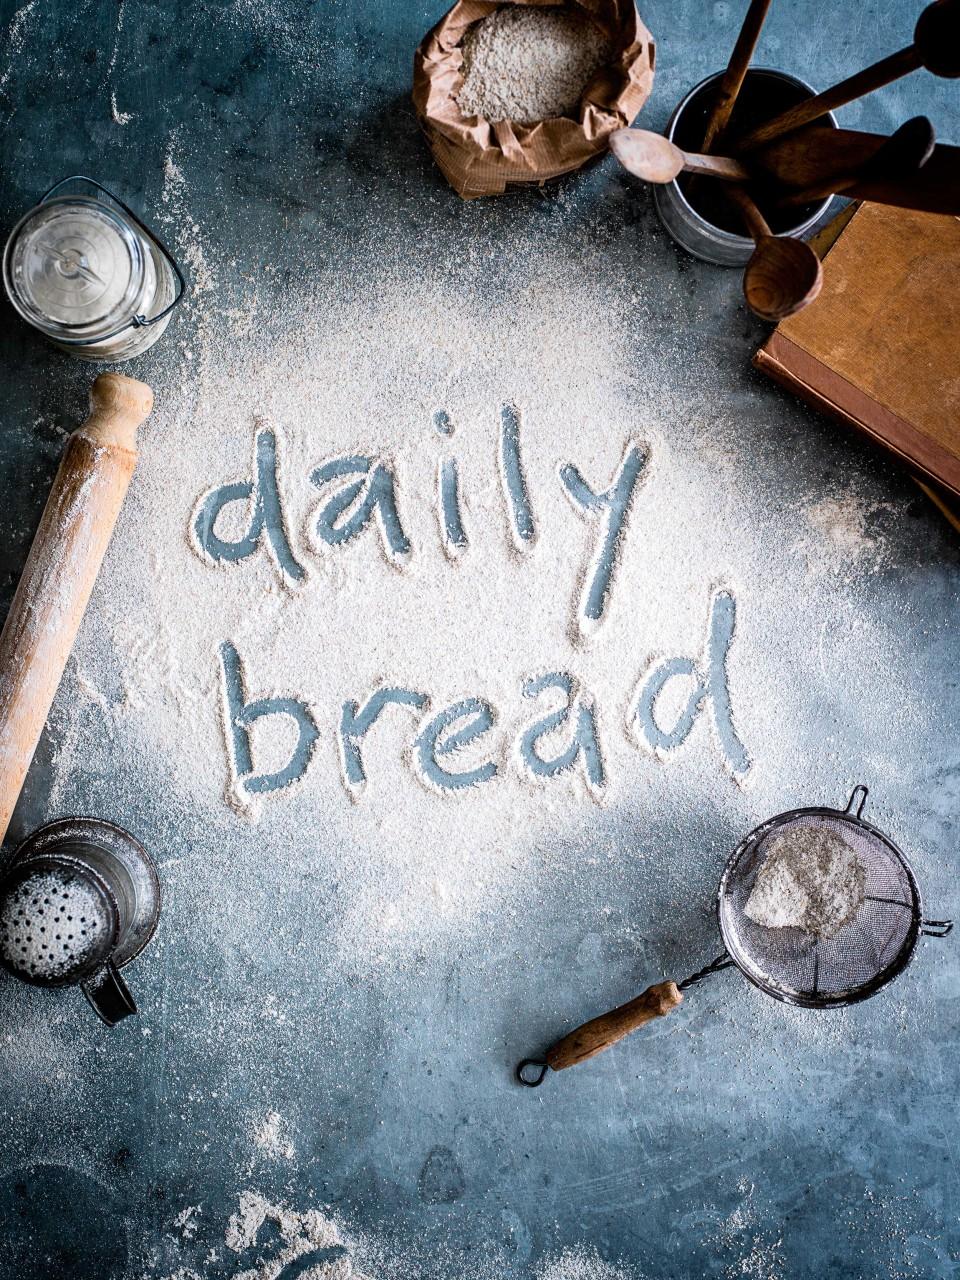 1207-bread1-960x1280.jpg